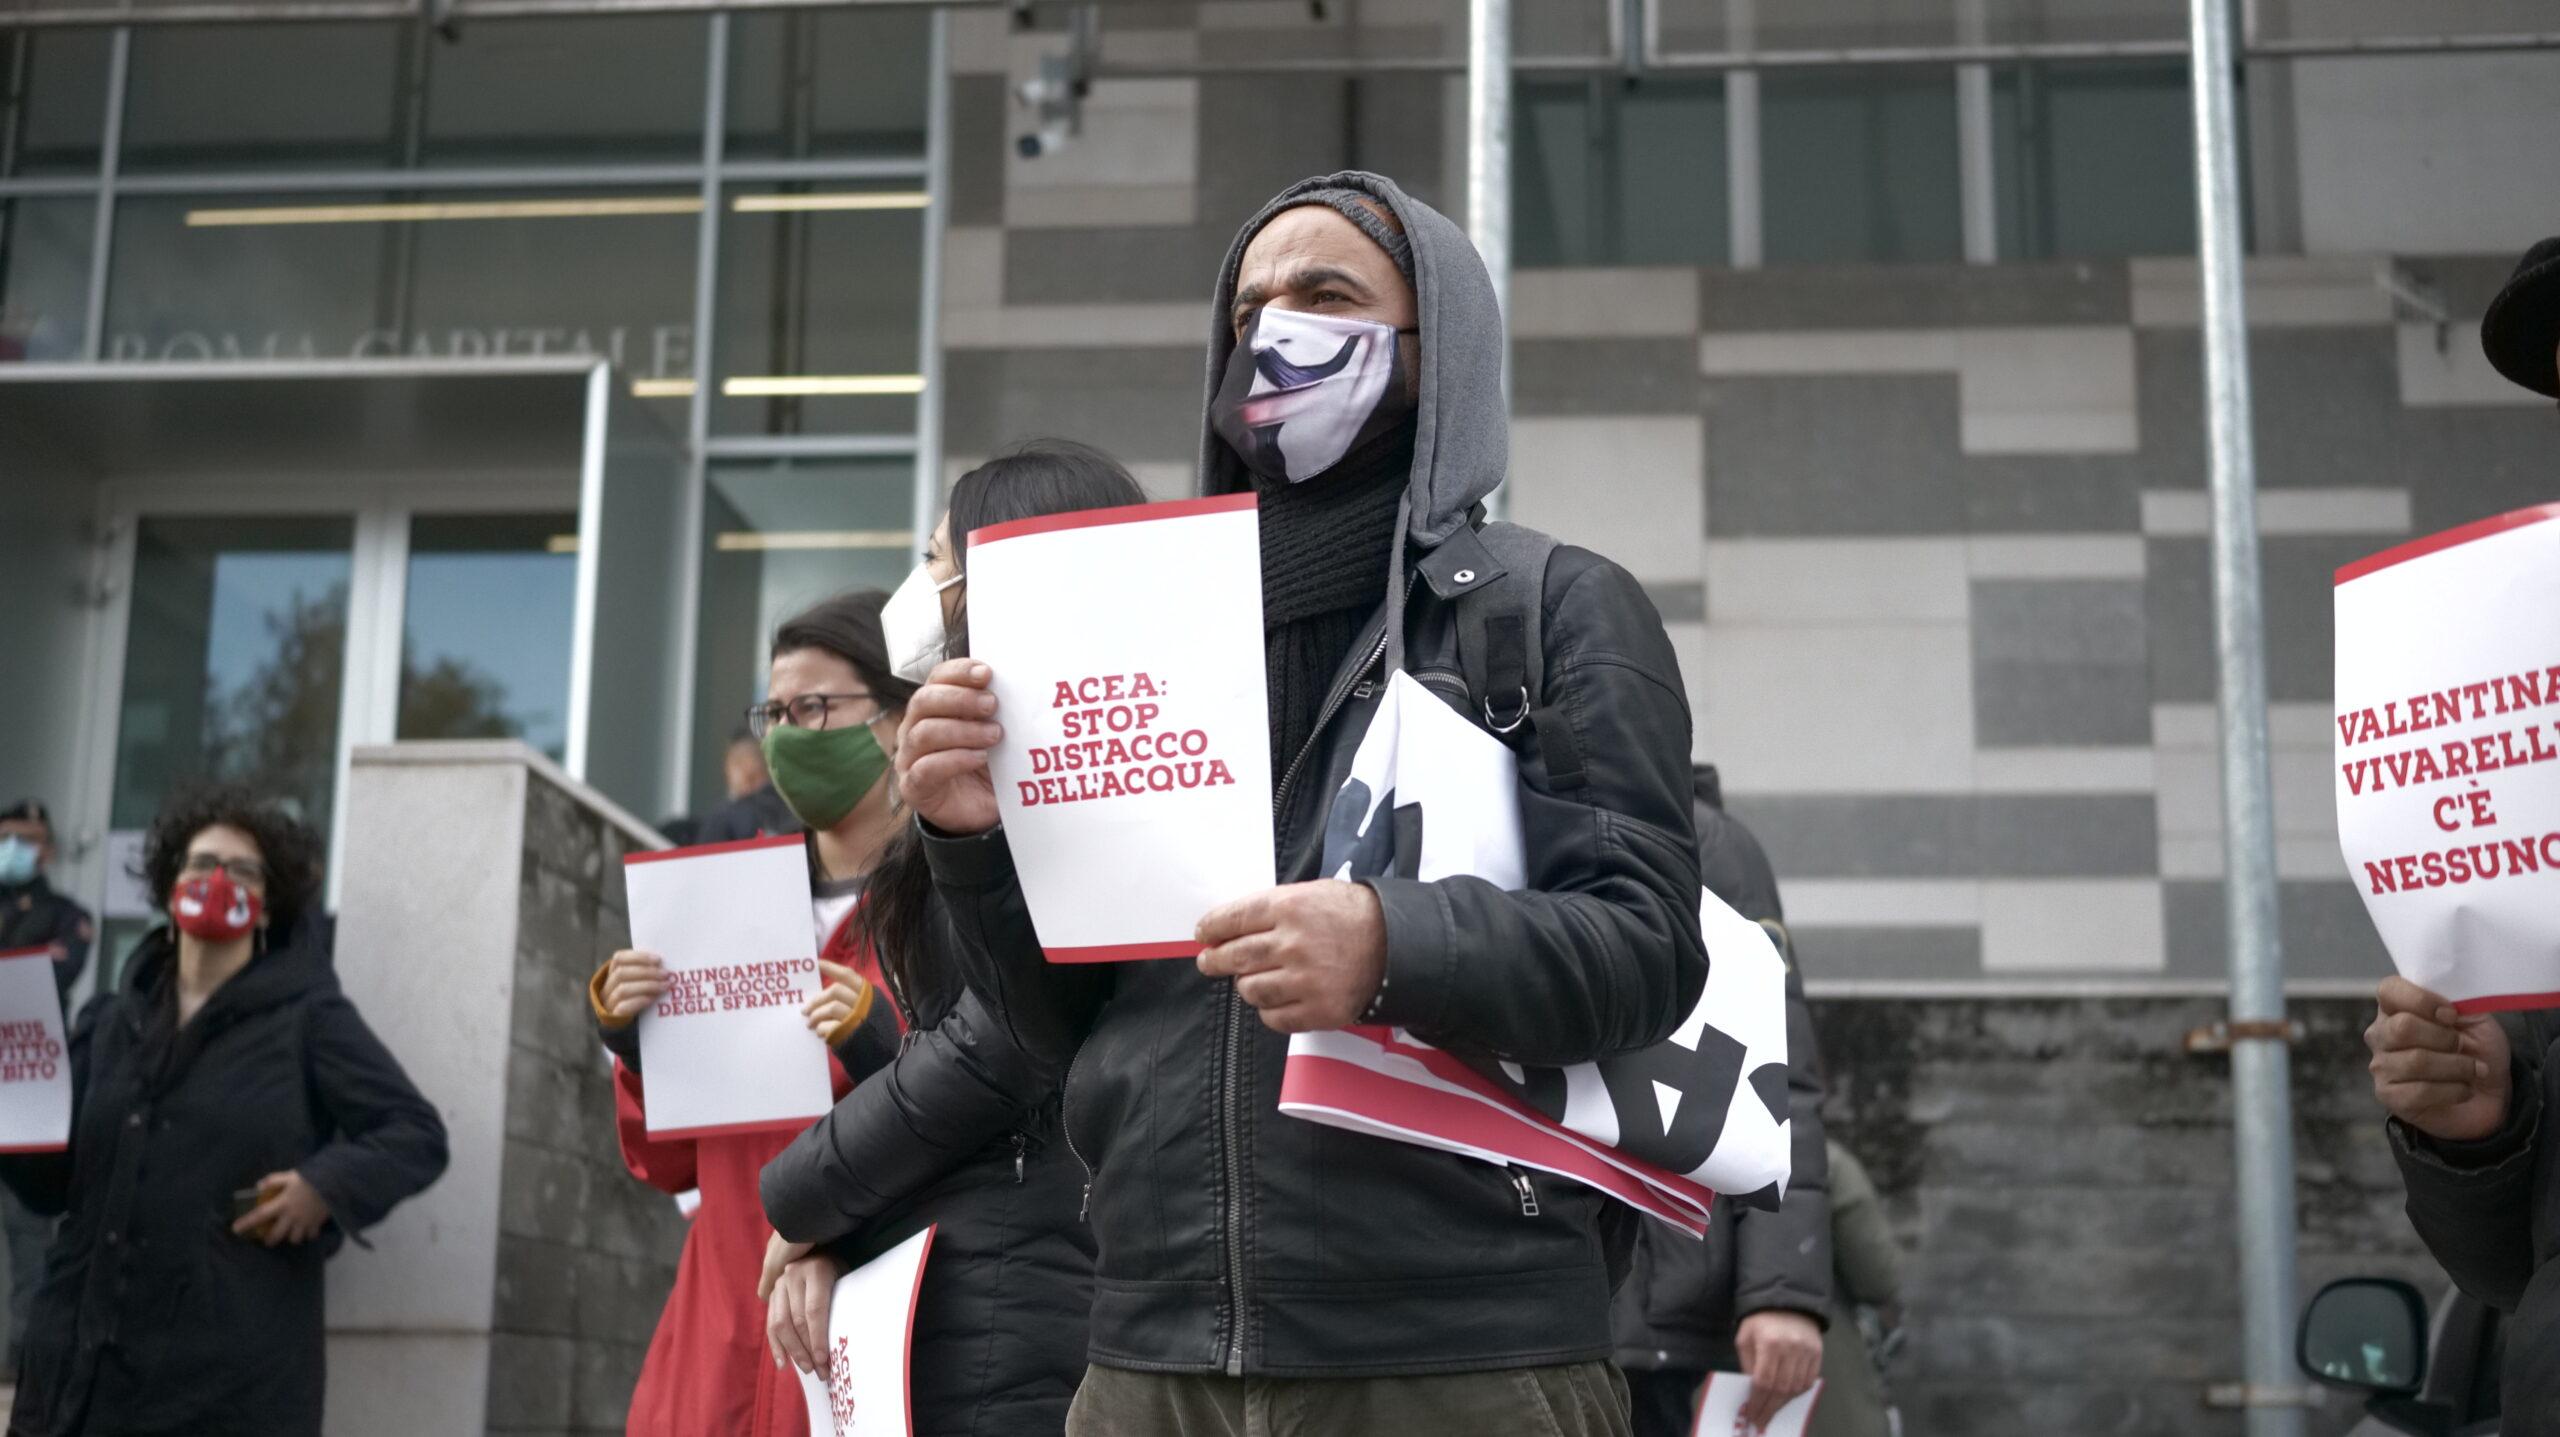 La manifestazione contro gli sfratti